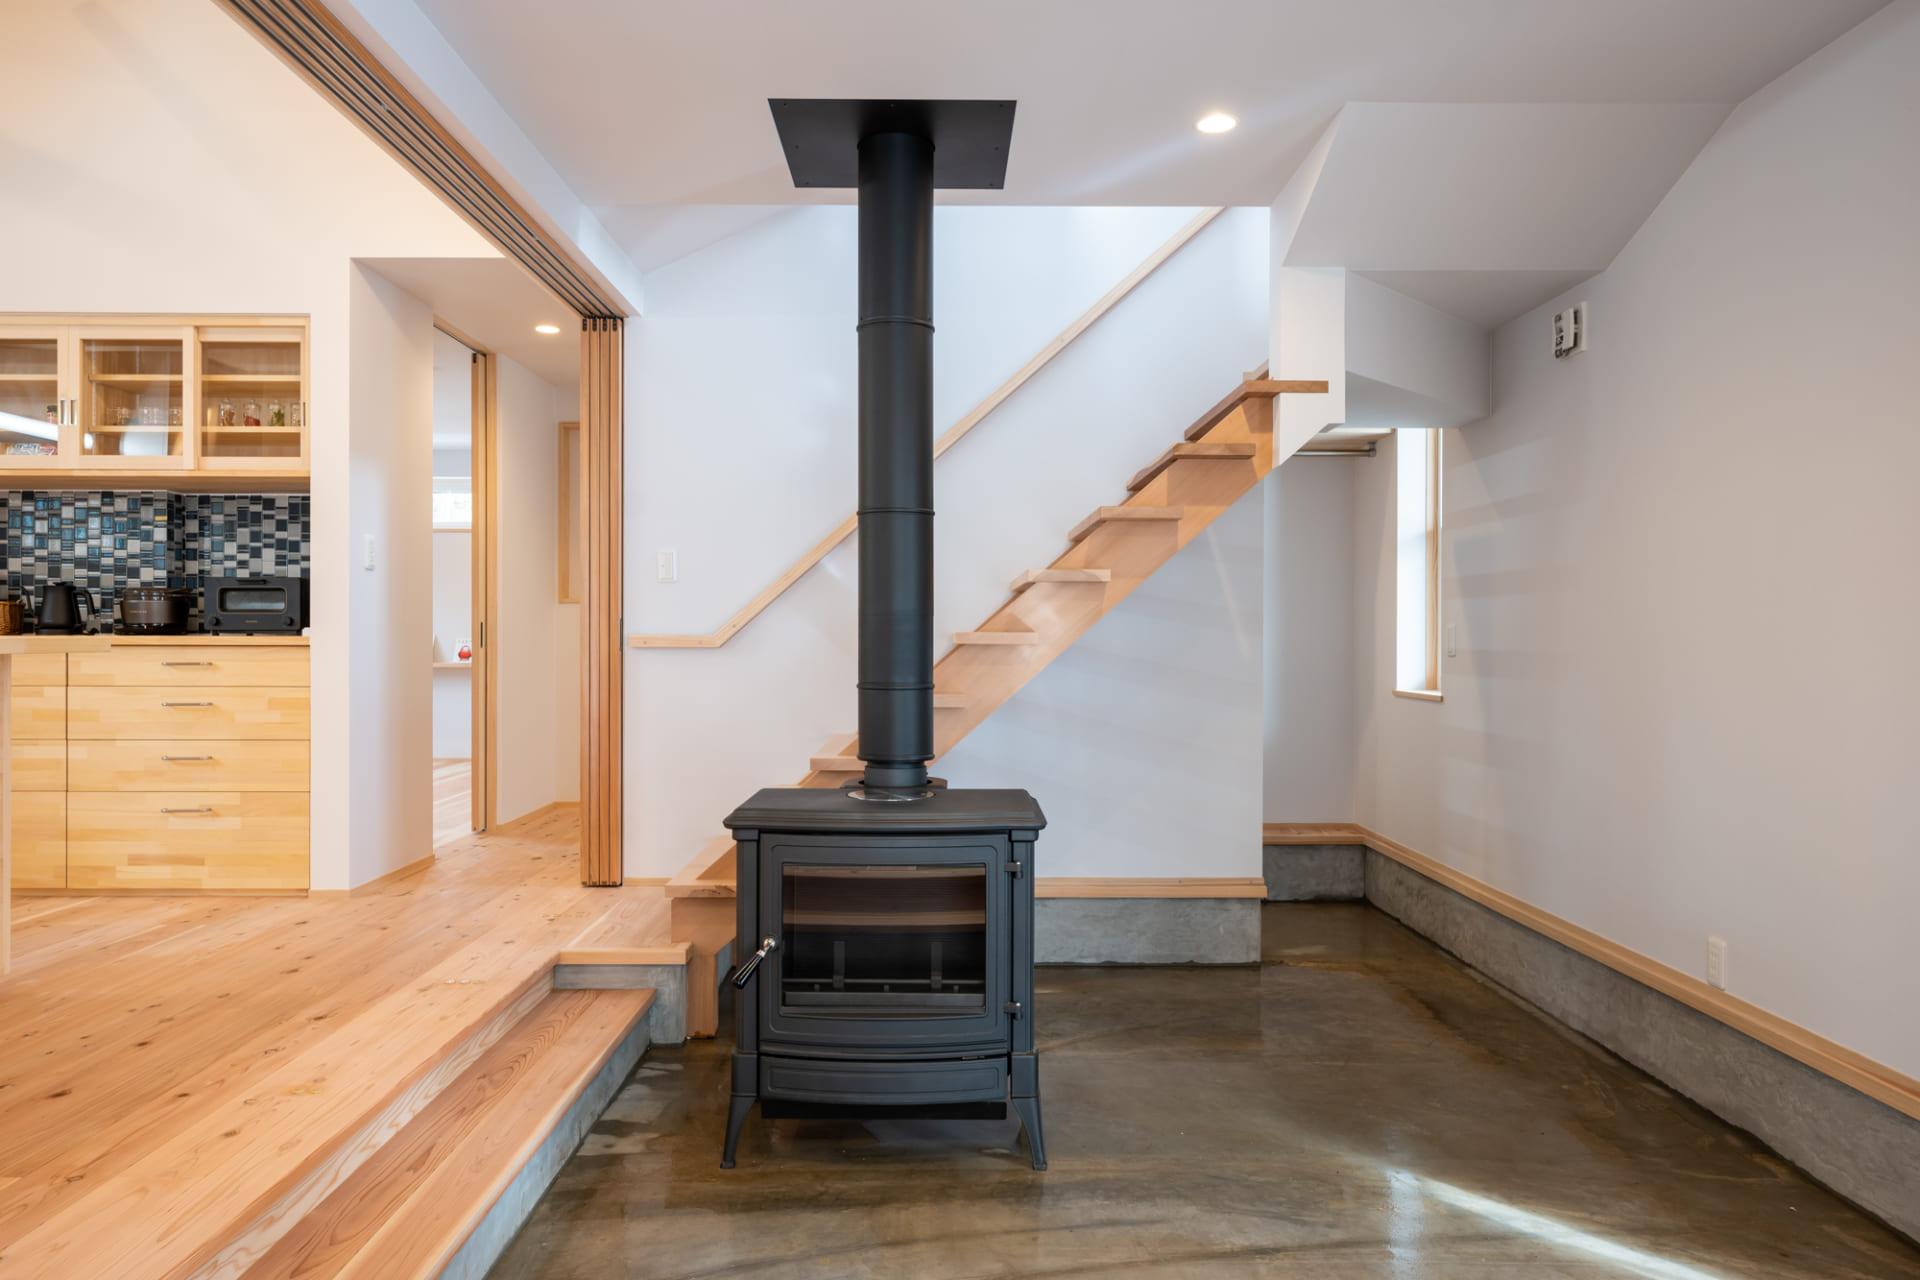 スケルトン階段のデザインは、空間に開放感をもたらす